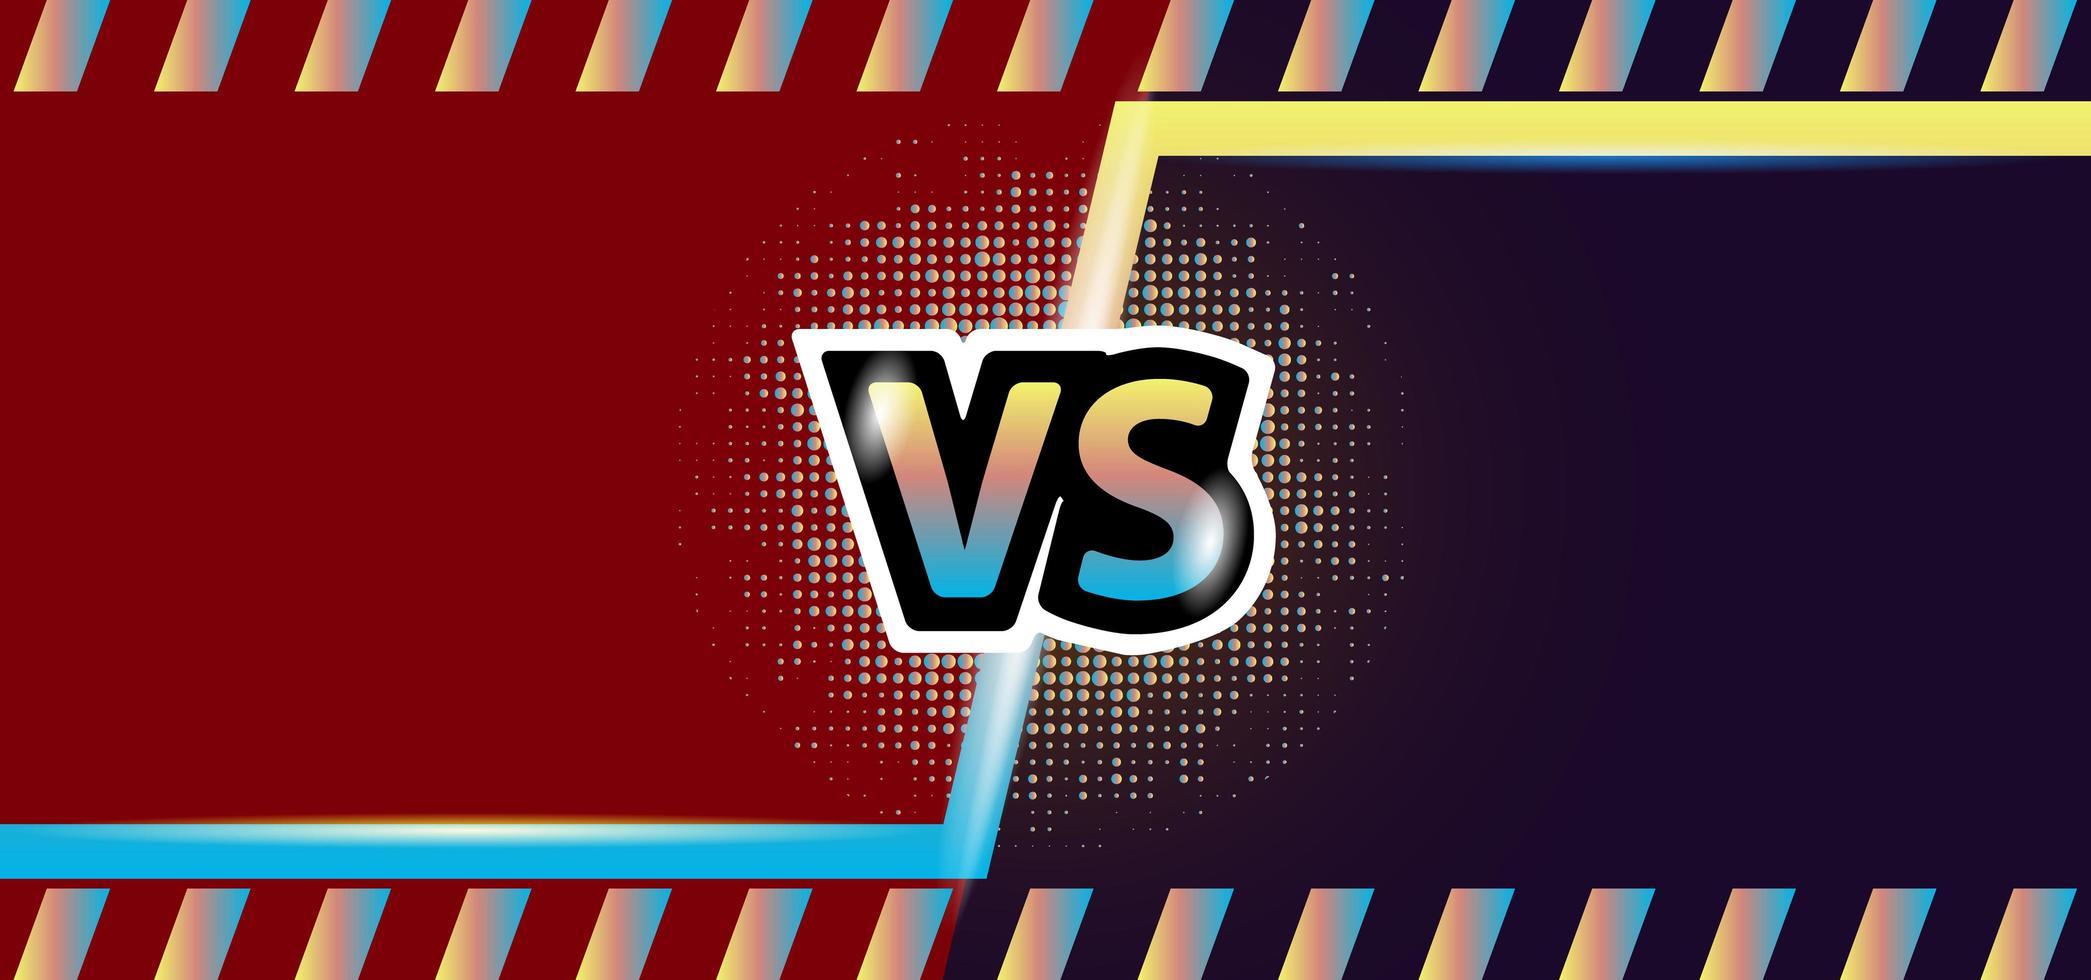 frame ontwerp schermweergave versus achtergrondsjabloon vector